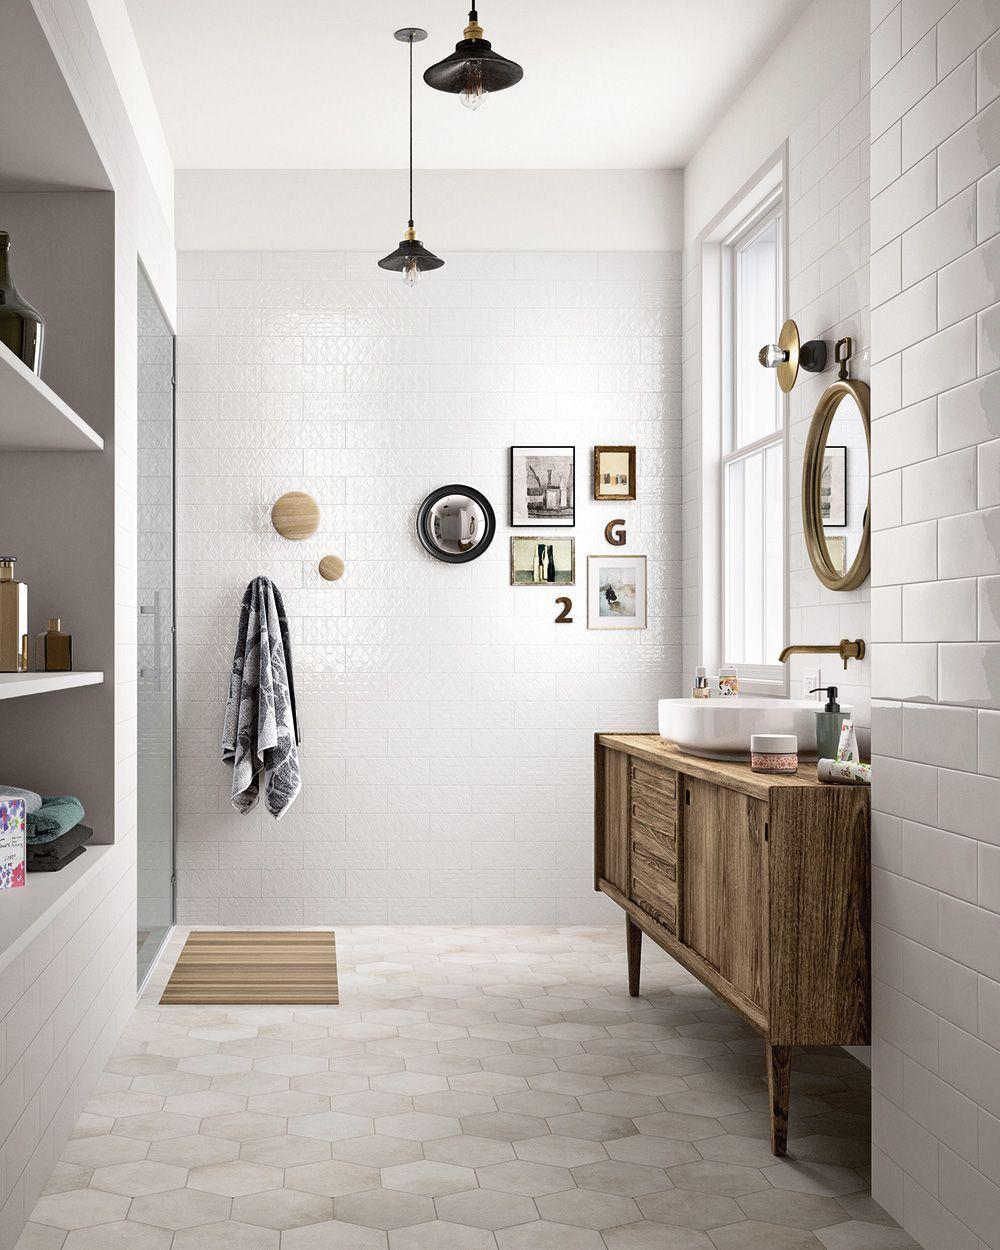 15 Idees Pour La Deco D Une Petite Salle De Bain Bathroom Floor